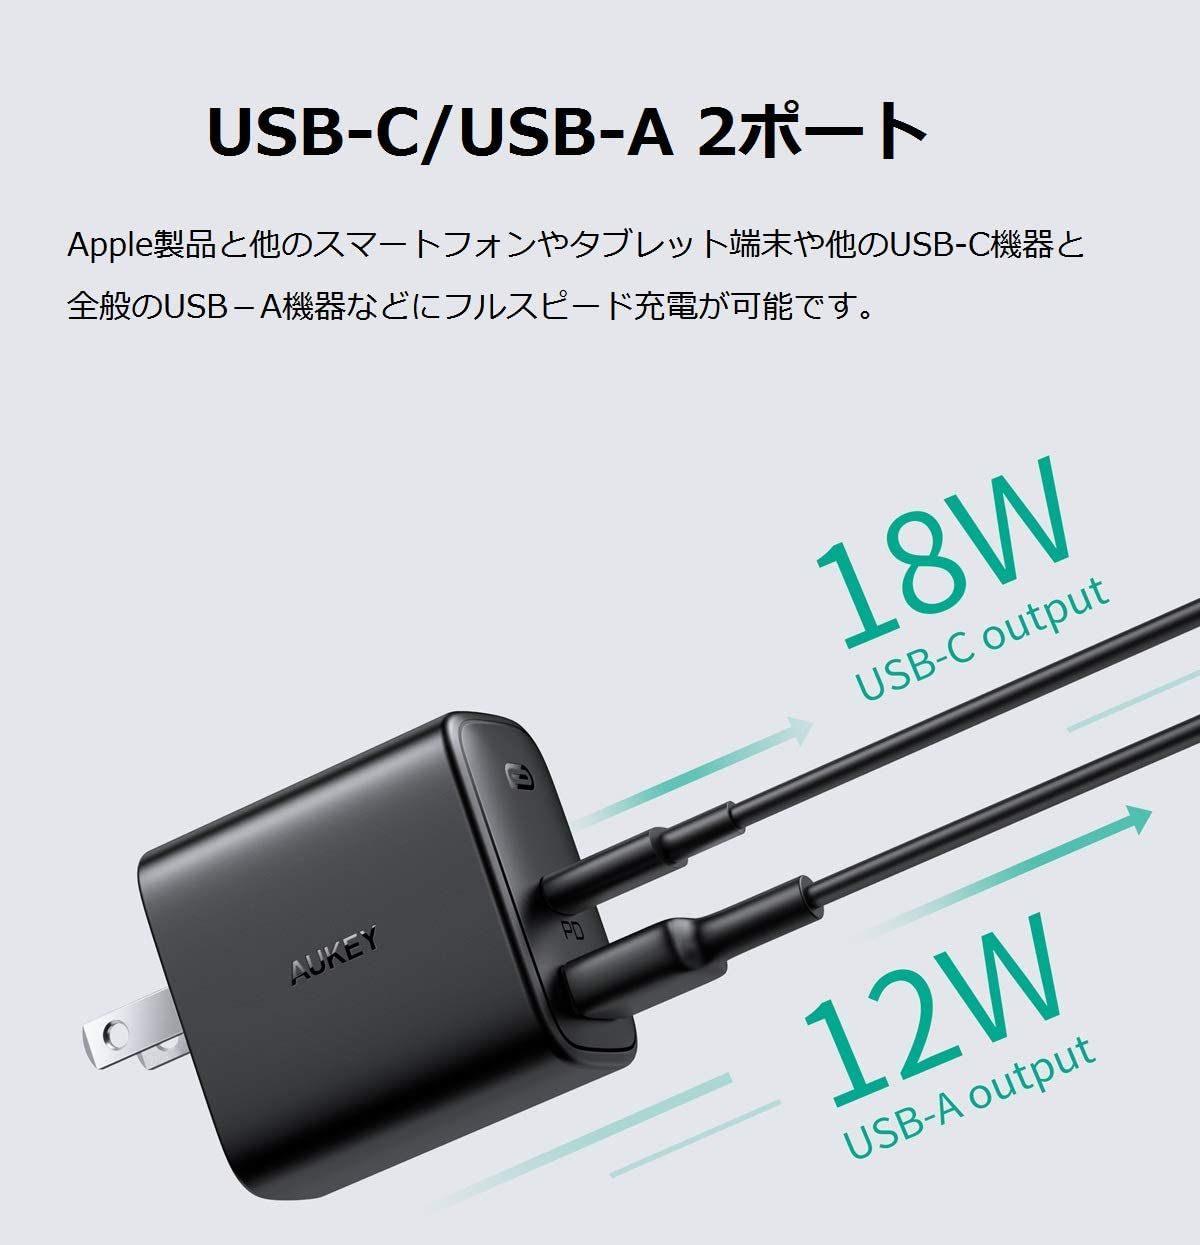 アマゾンでAUKEY USB-C 充電器 USB-CとA1個ずつ 最大18W対応 PA-F3の割引クーポンを配信中。